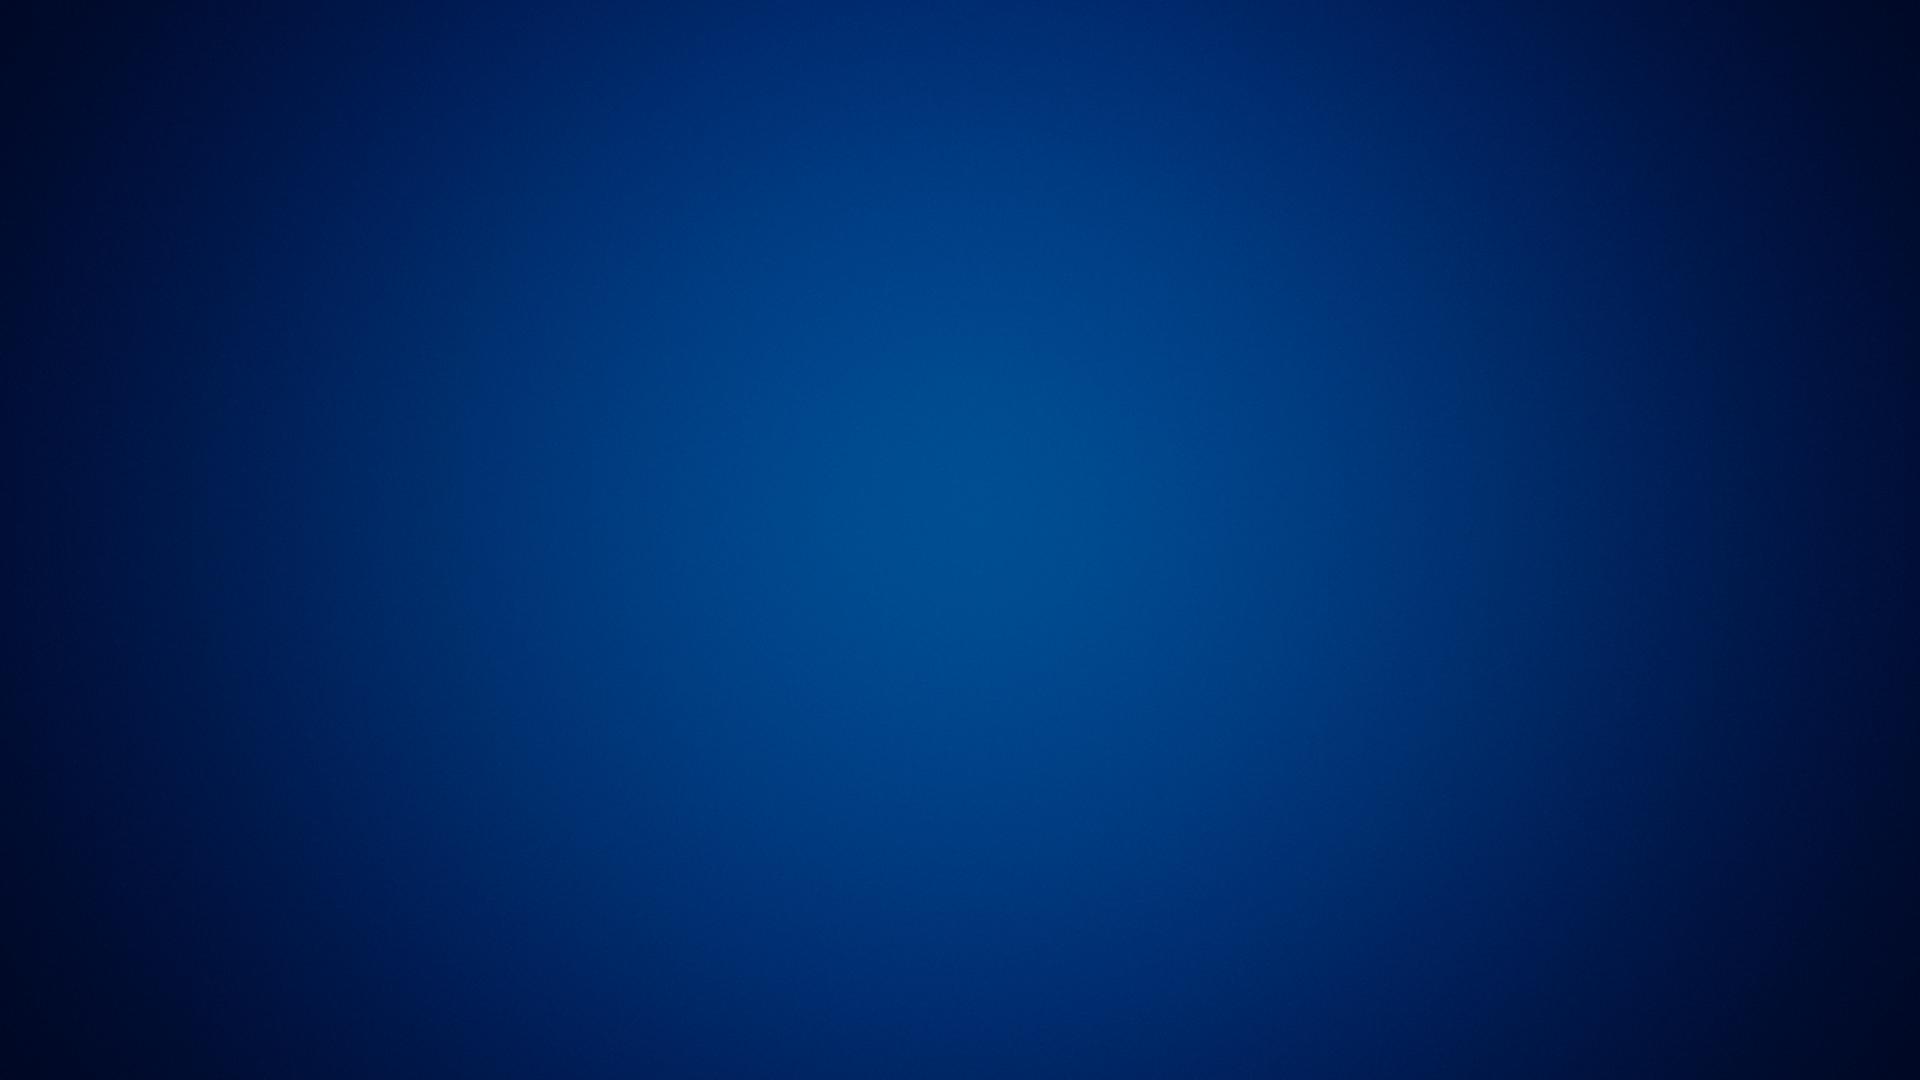 hd wallpaper 1080p blue wallpapersafari